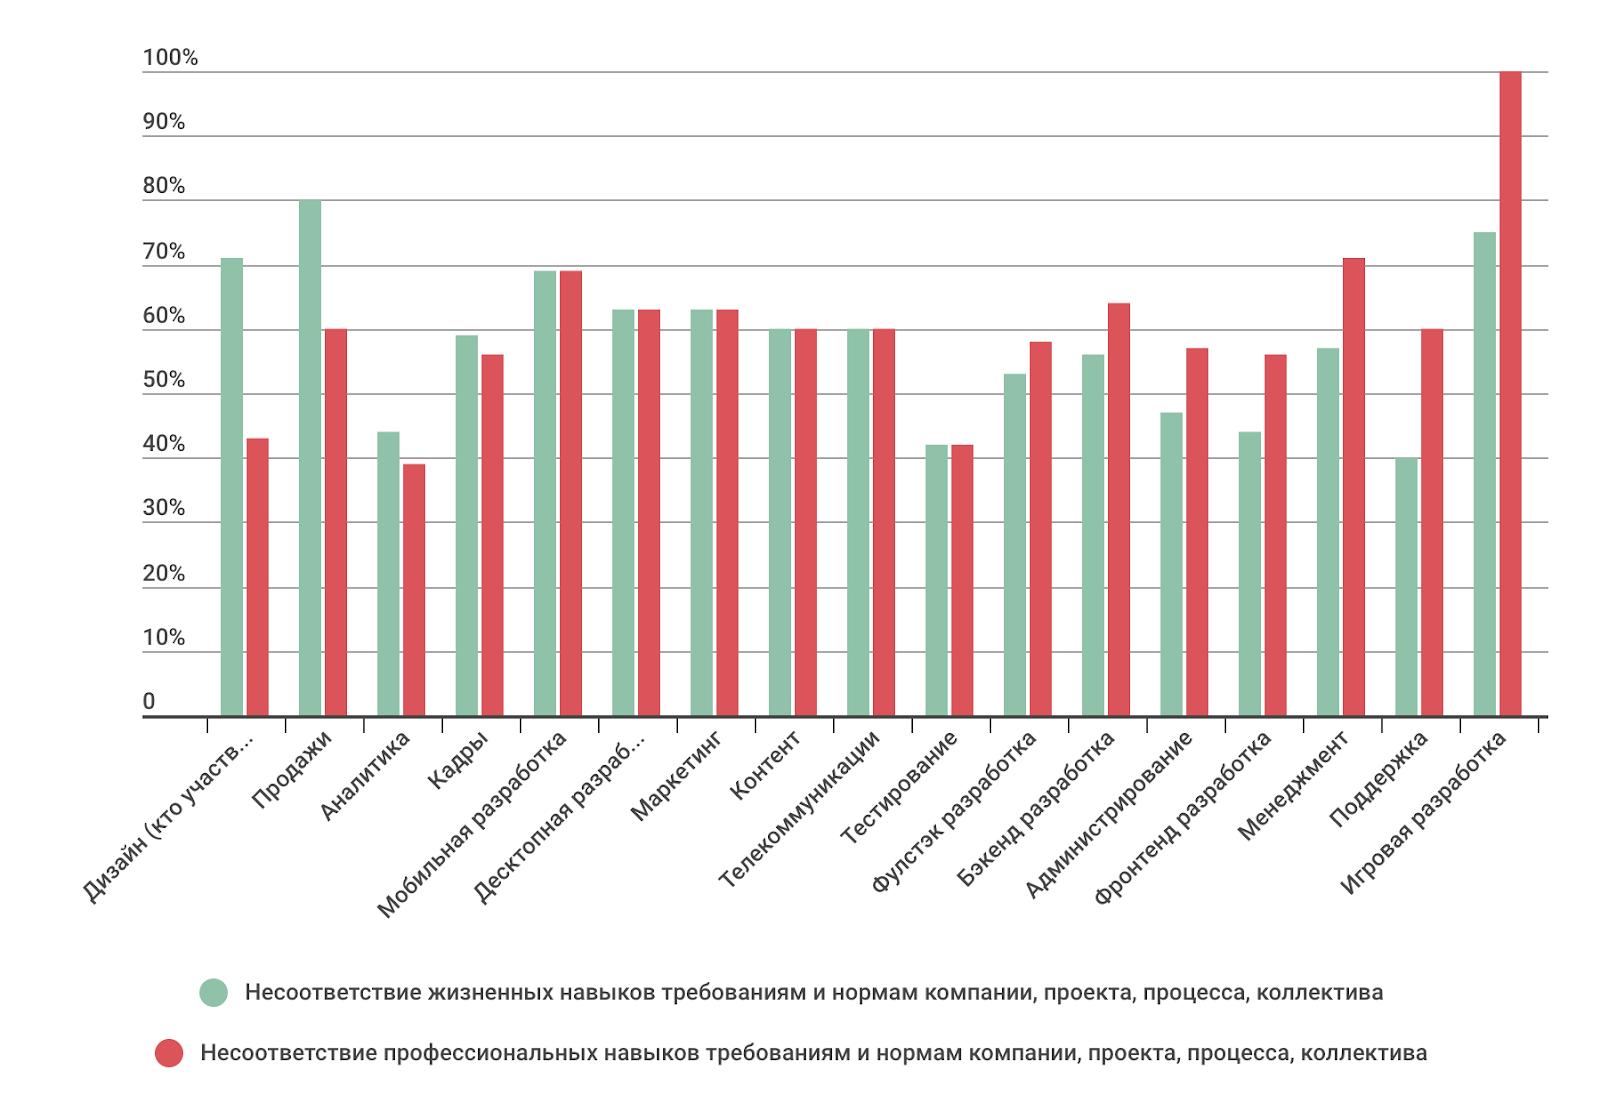 Профессиональные или жизненные навыки: что важнее в ИТ-индустрии сегодня и в будущем (результаты опроса) - 18